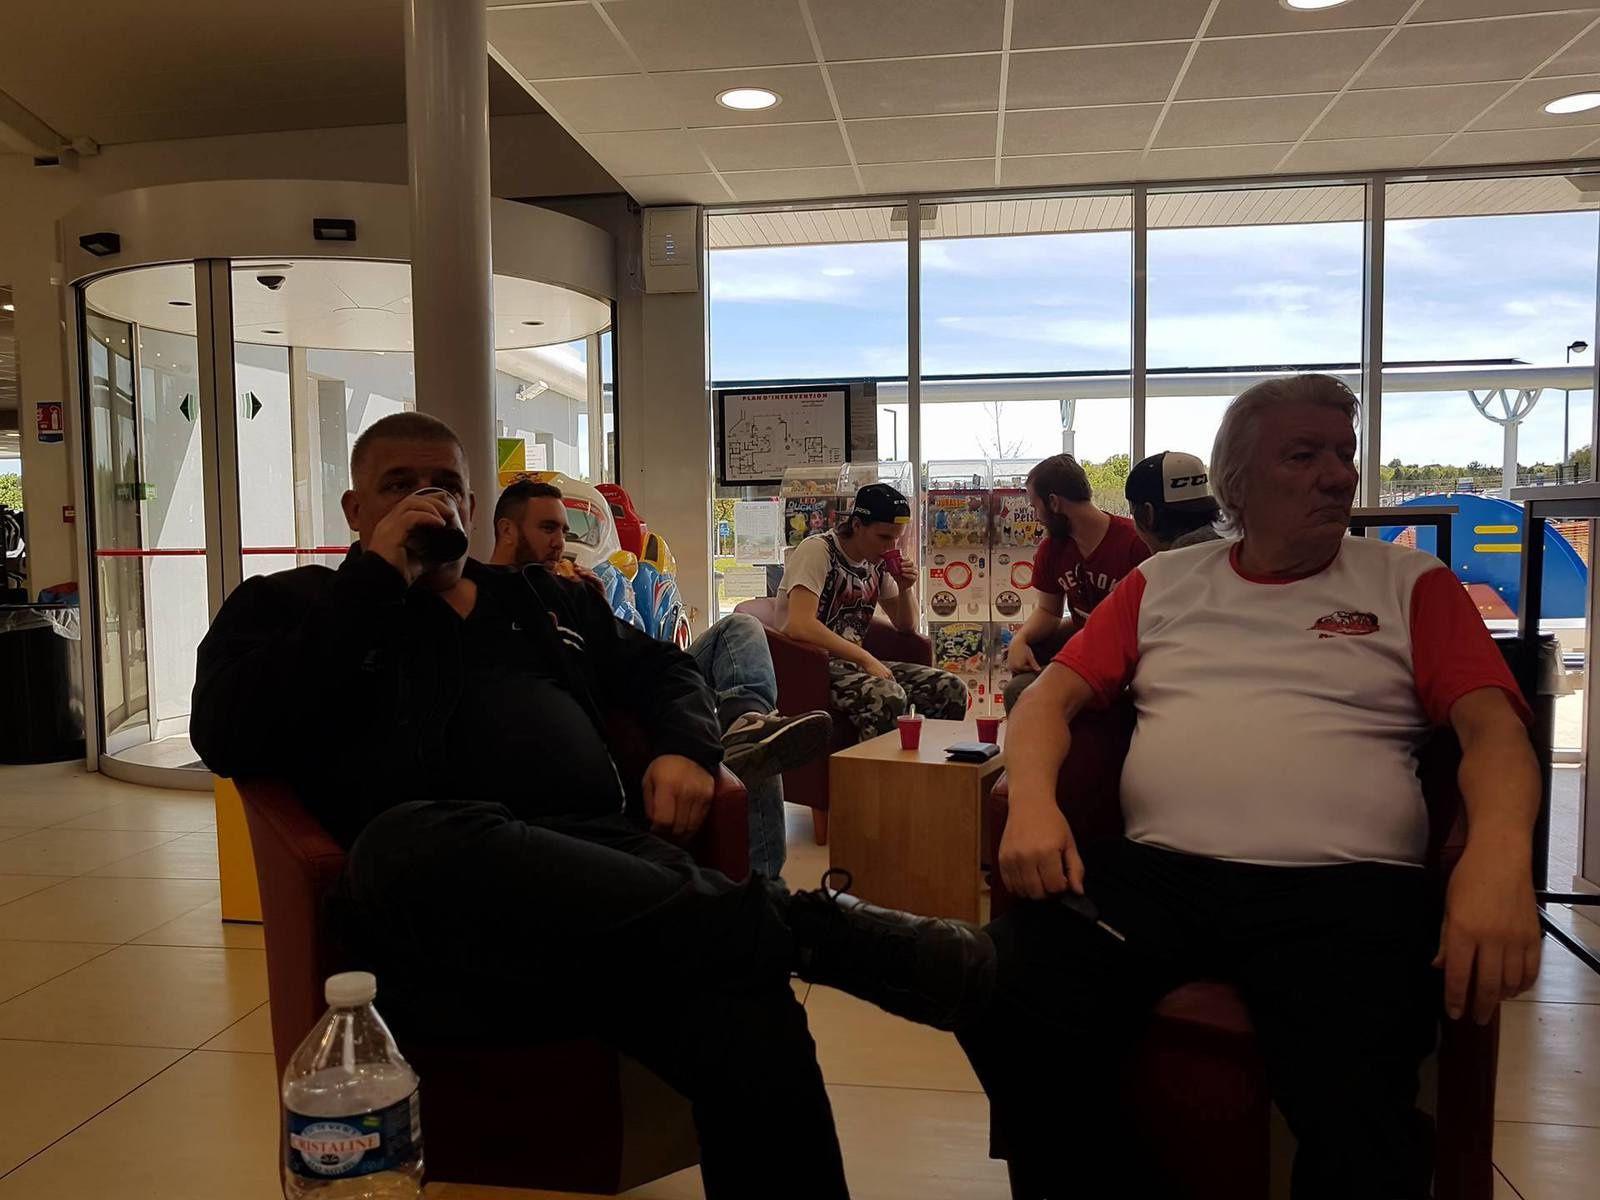 Les Prédateurs ont fait une pause à Brives avant d'arriver à Toulouse. Ils devraient y être vers 17 heures.